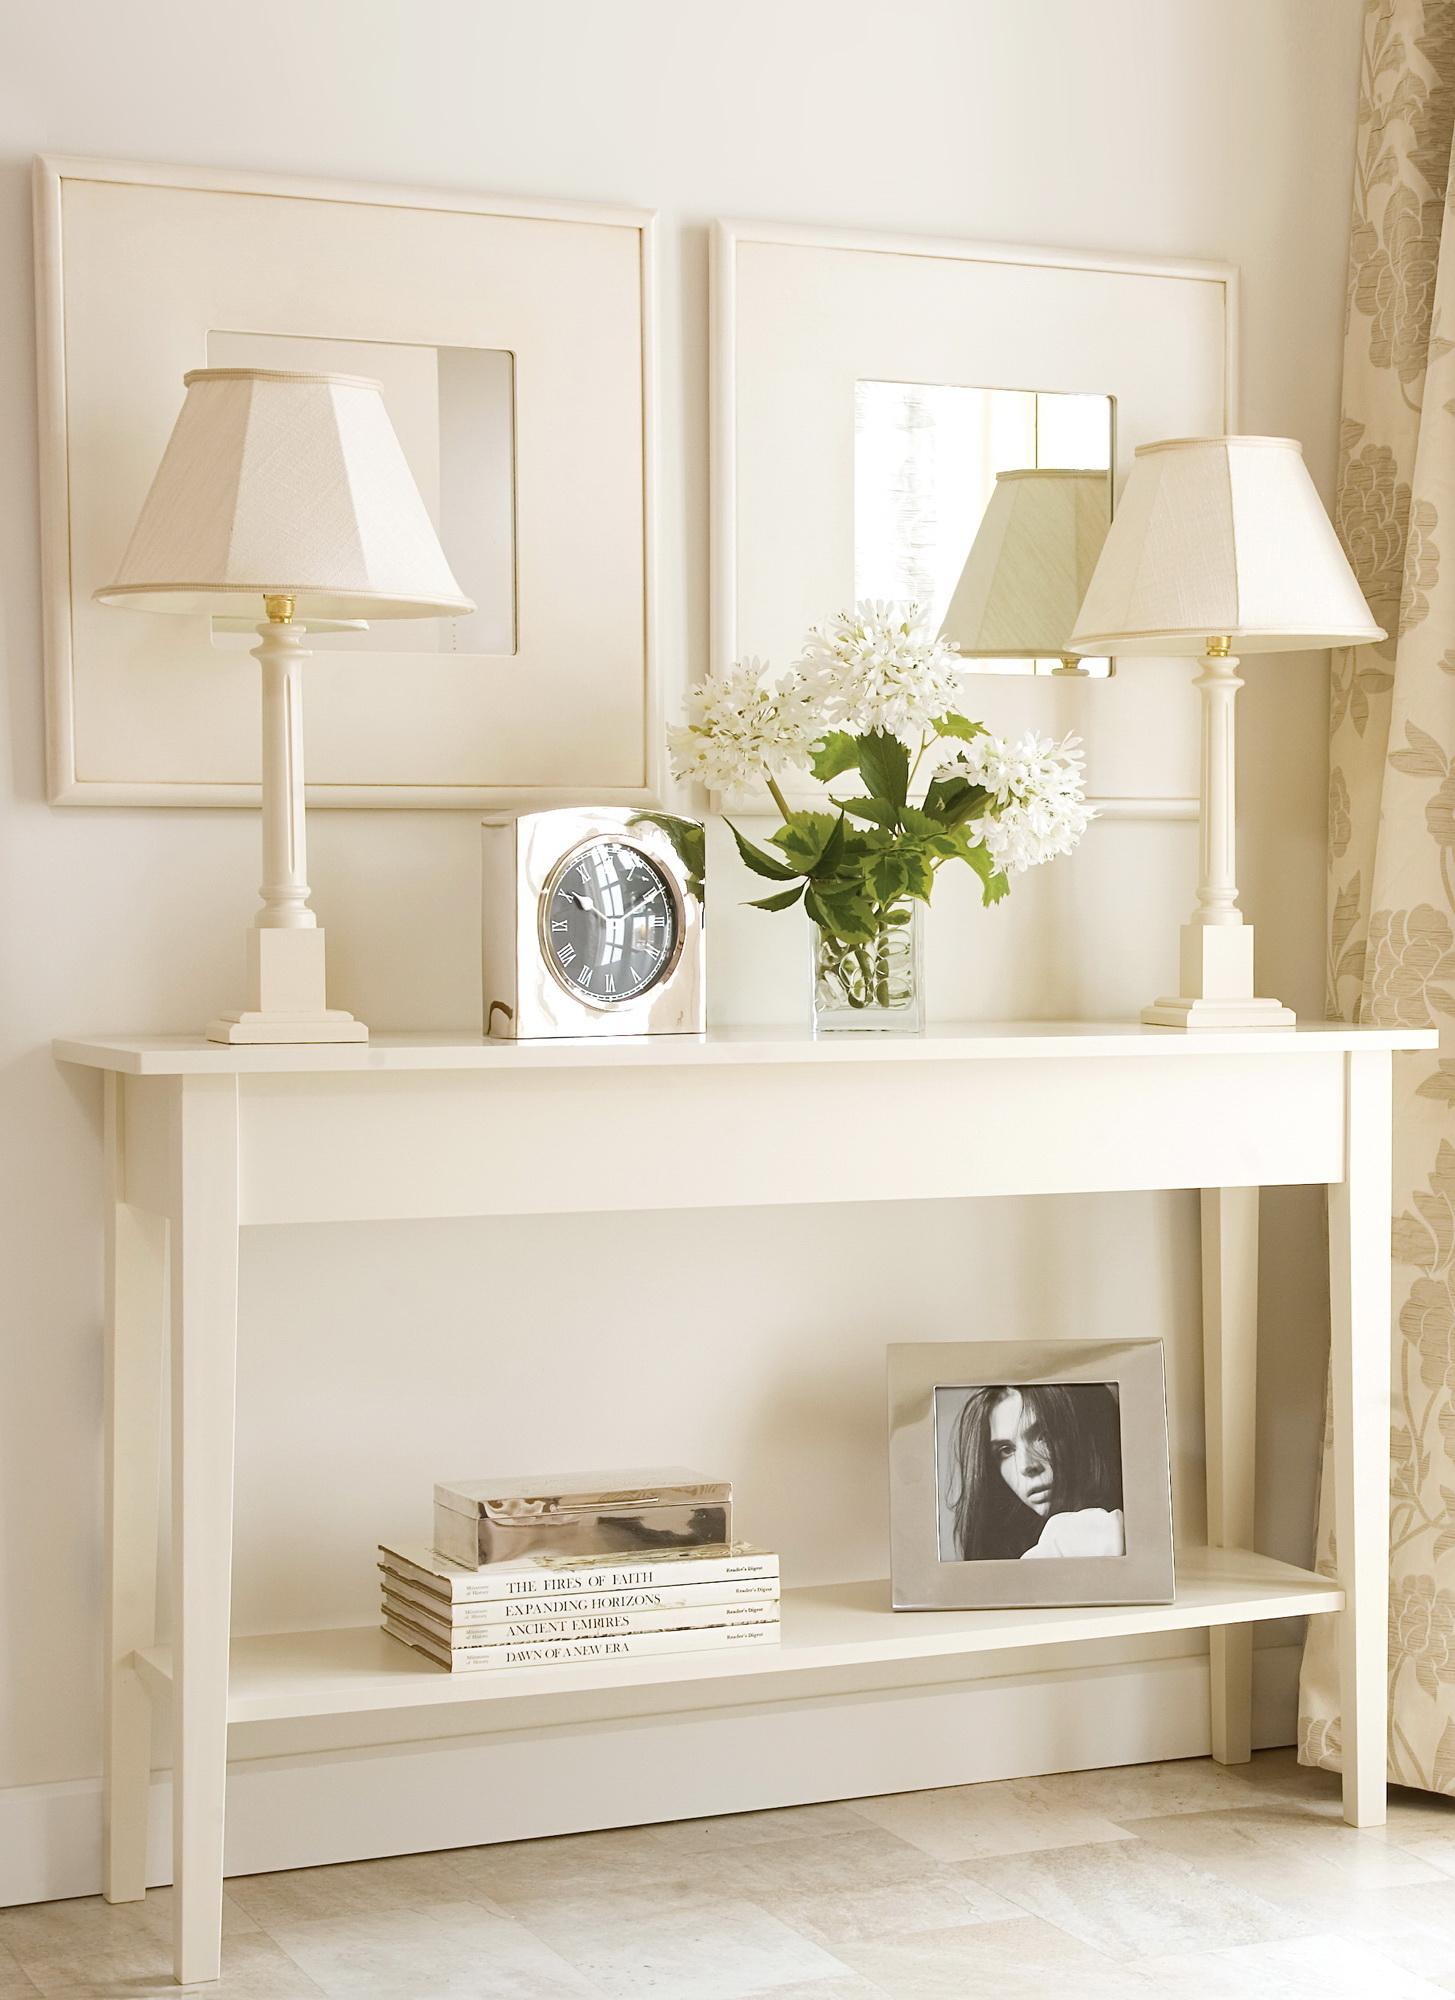 Приятные светлые оттенки современного мебели